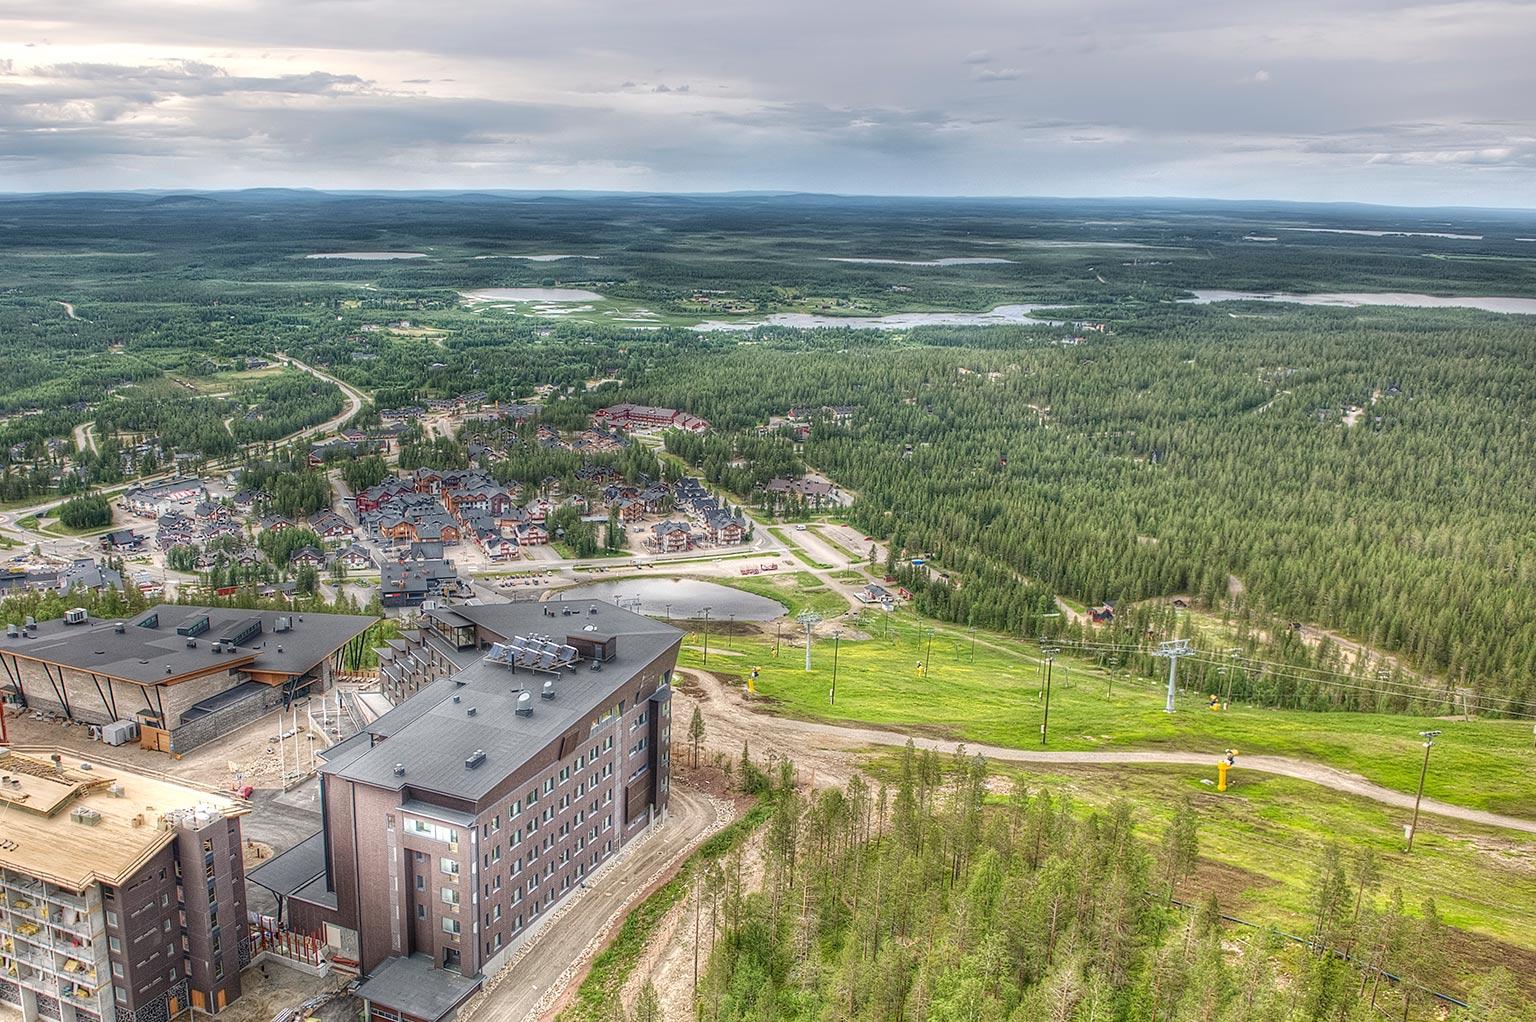 Levin tunturikylän ilmakuva kesällä.